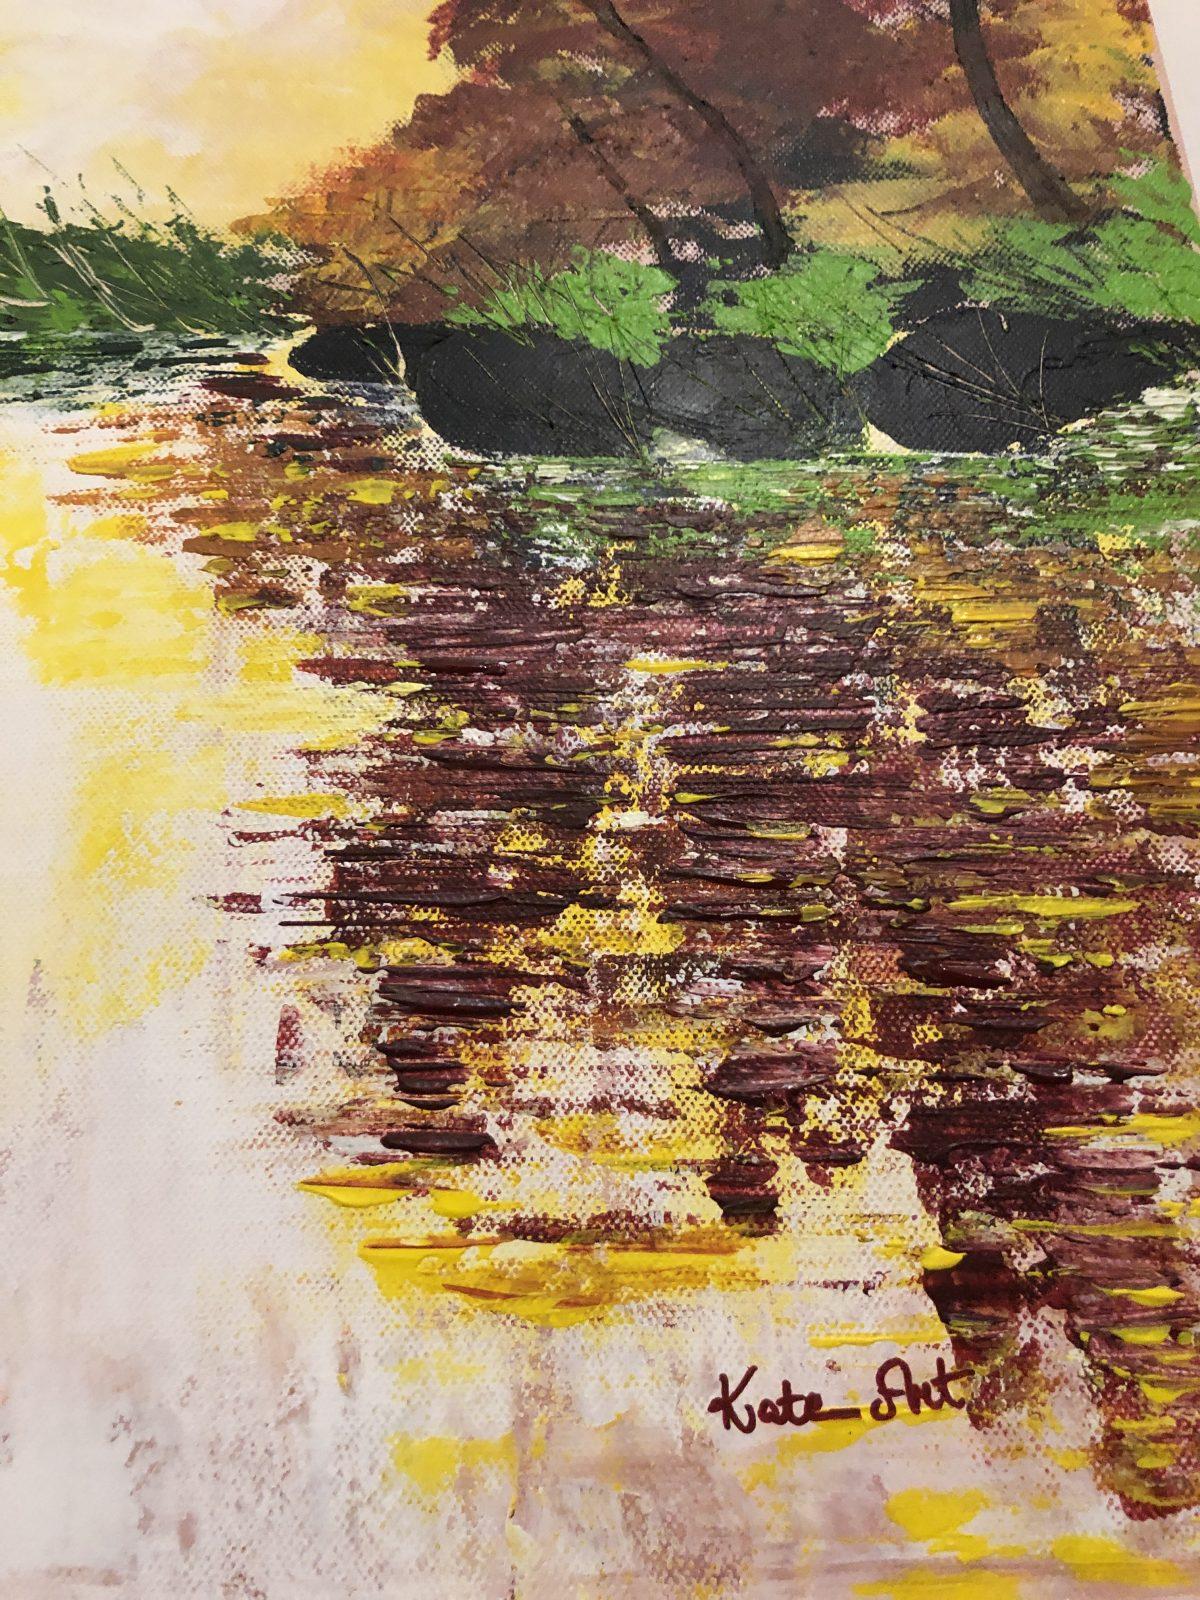 L'automne doré au lac de Kate_Art, gros plan côté droite bas du tableau